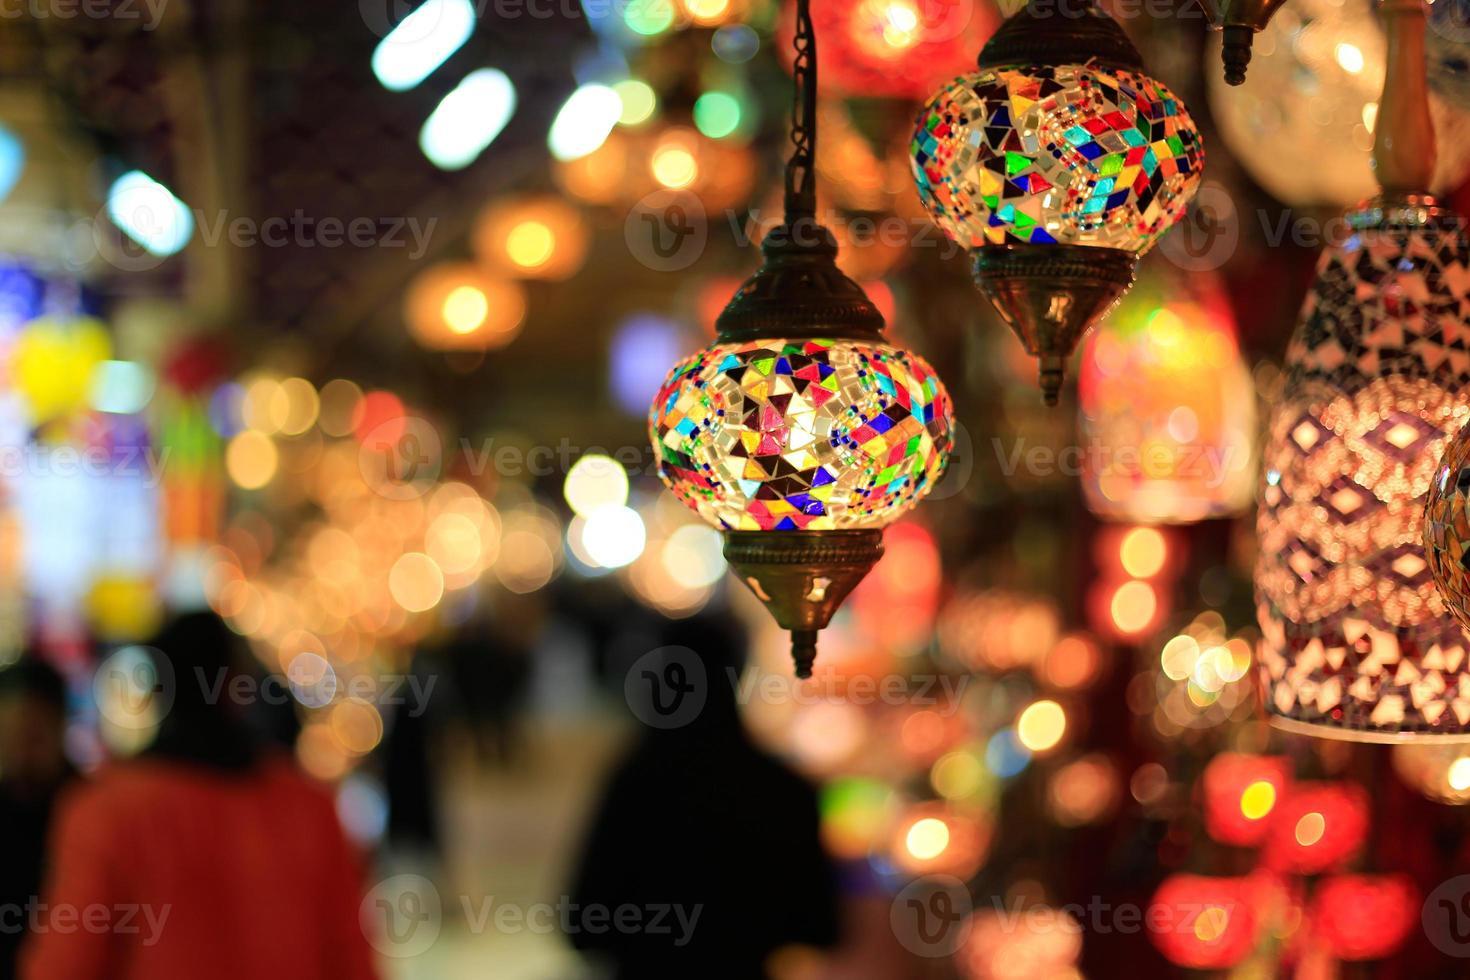 lampes lumineuses et colorées accrochées contre l'arrière-plan flou photo